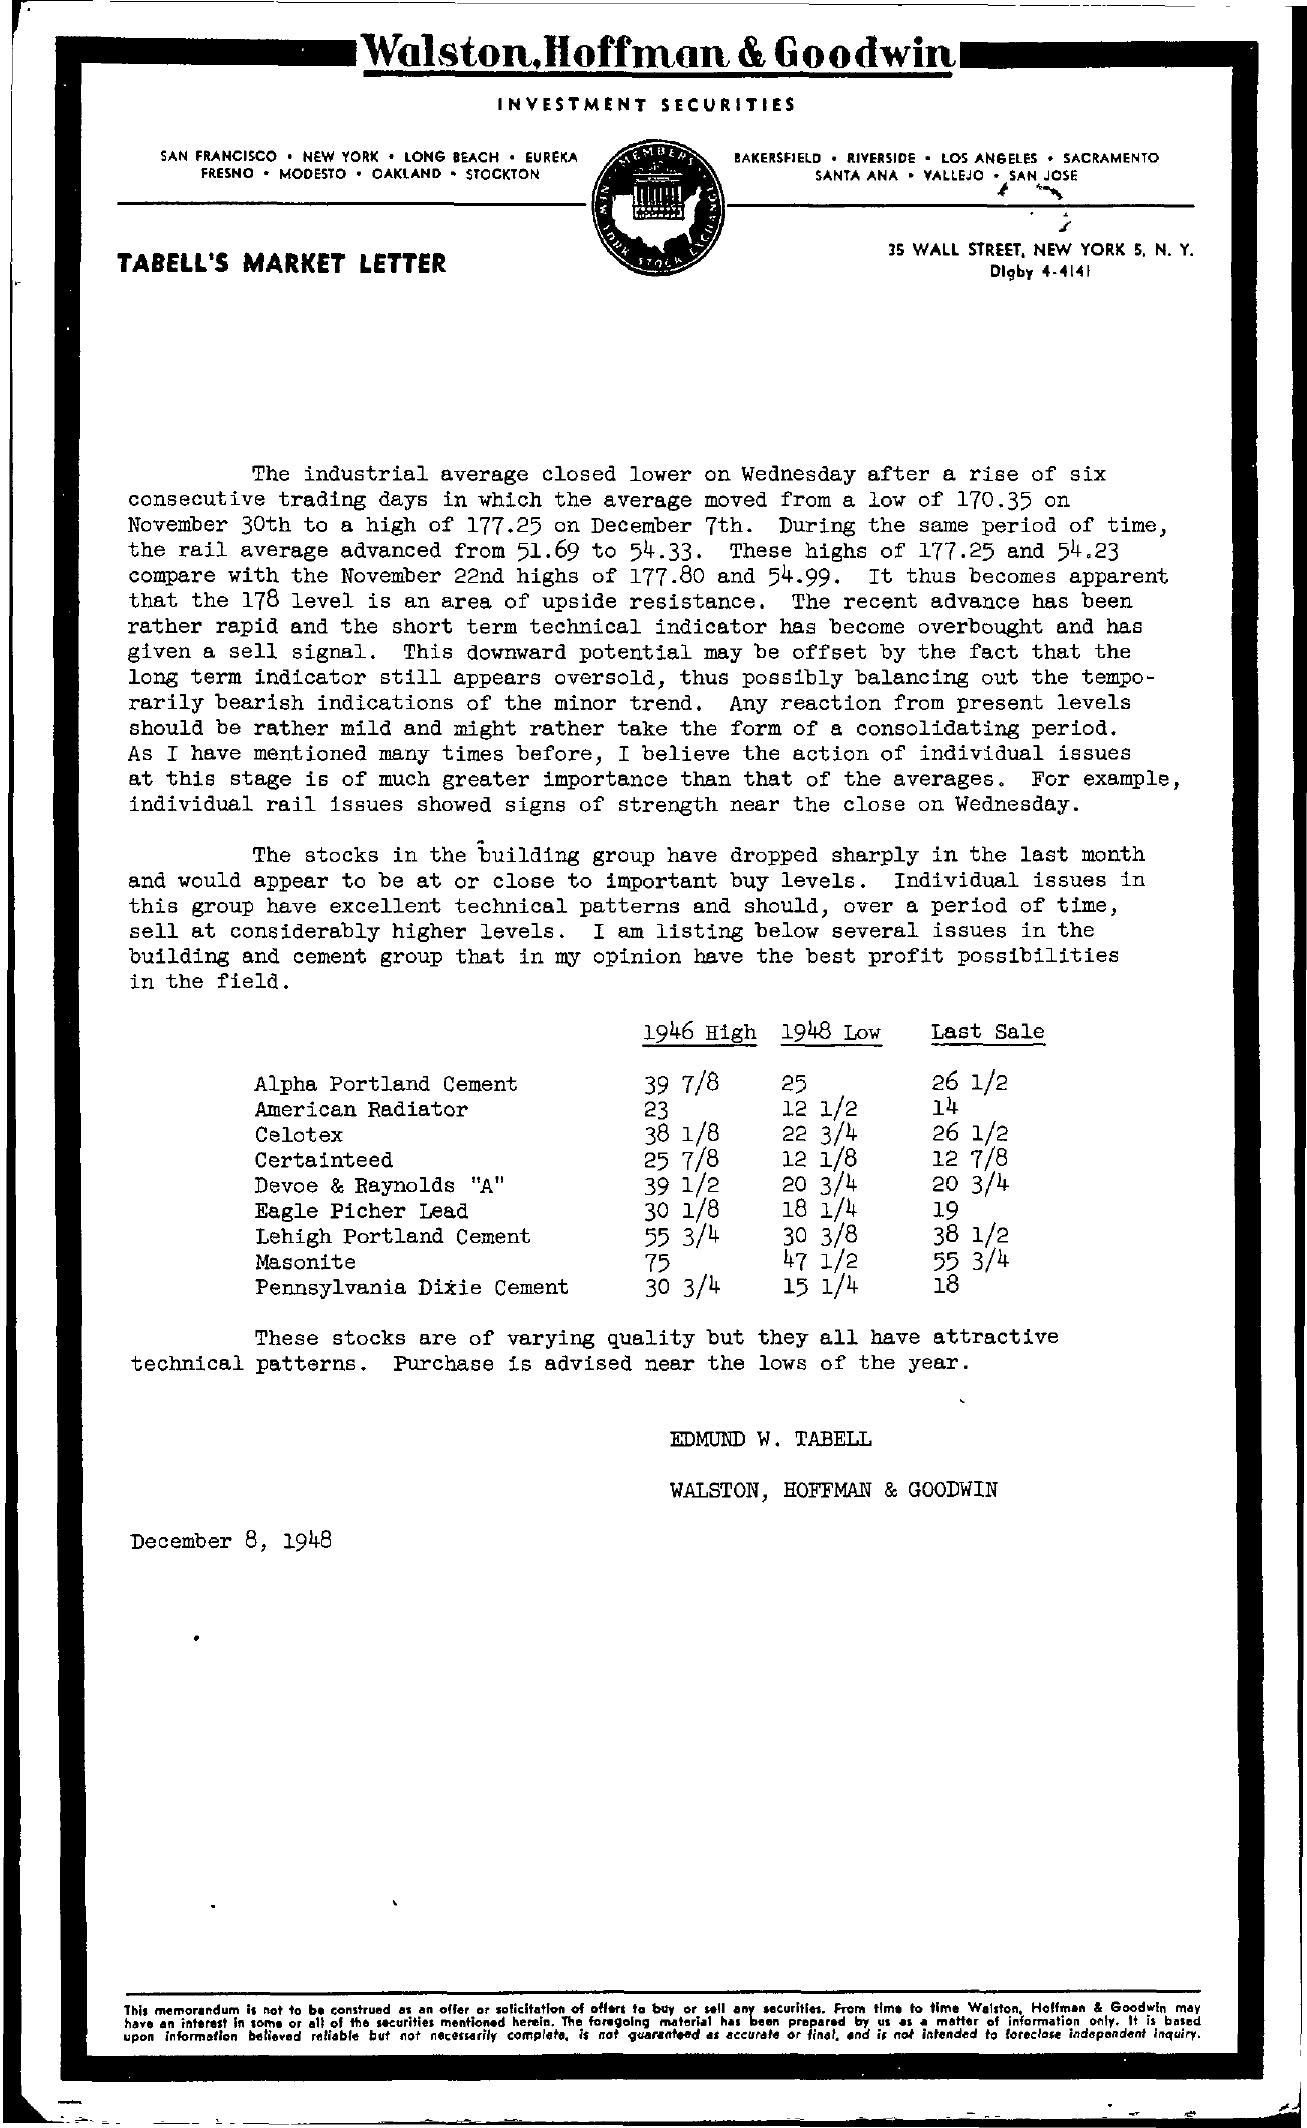 Tabell's Market Letter - December 08, 1948